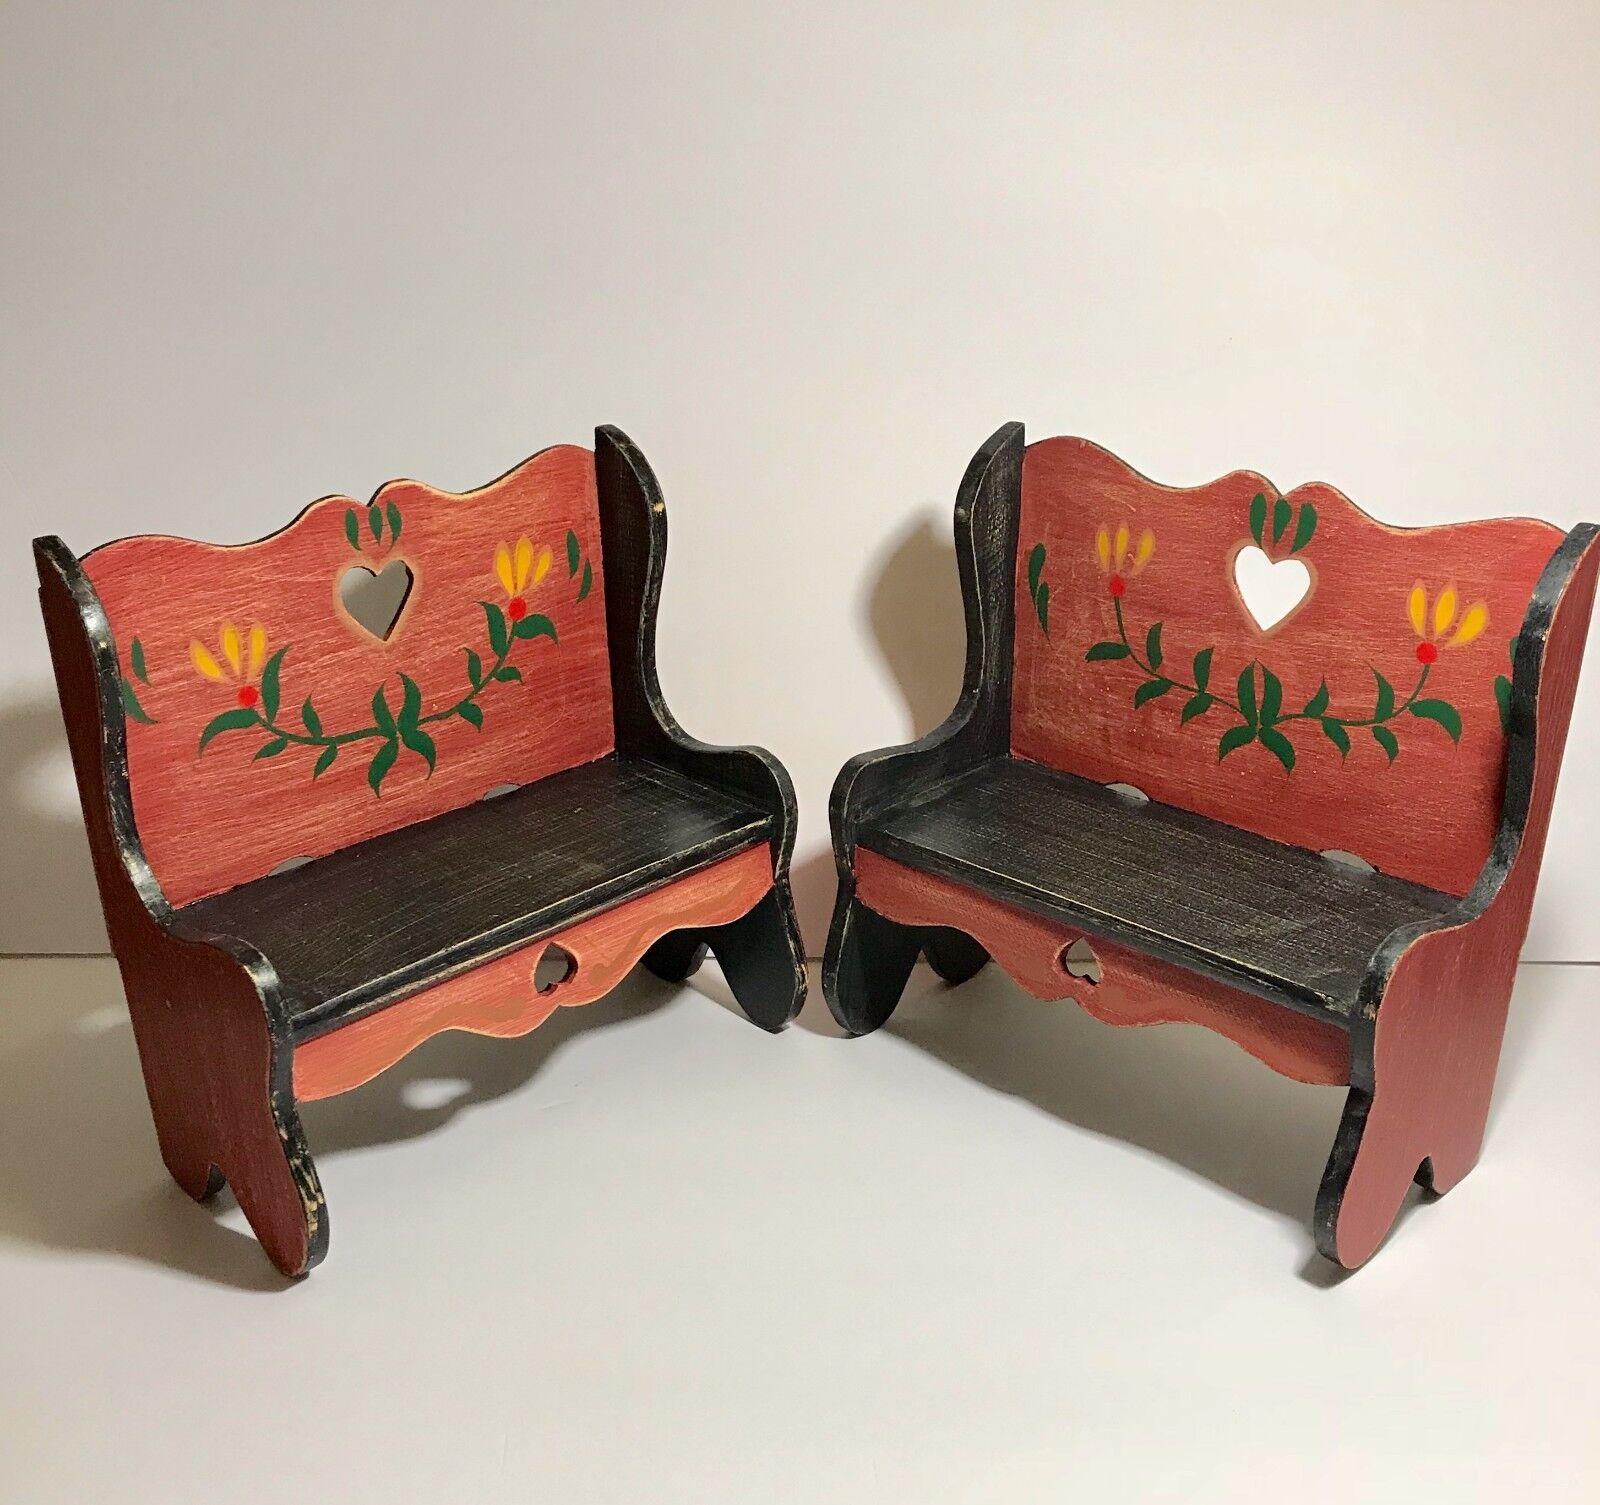 Primitive Antique Mini Wooden Bench